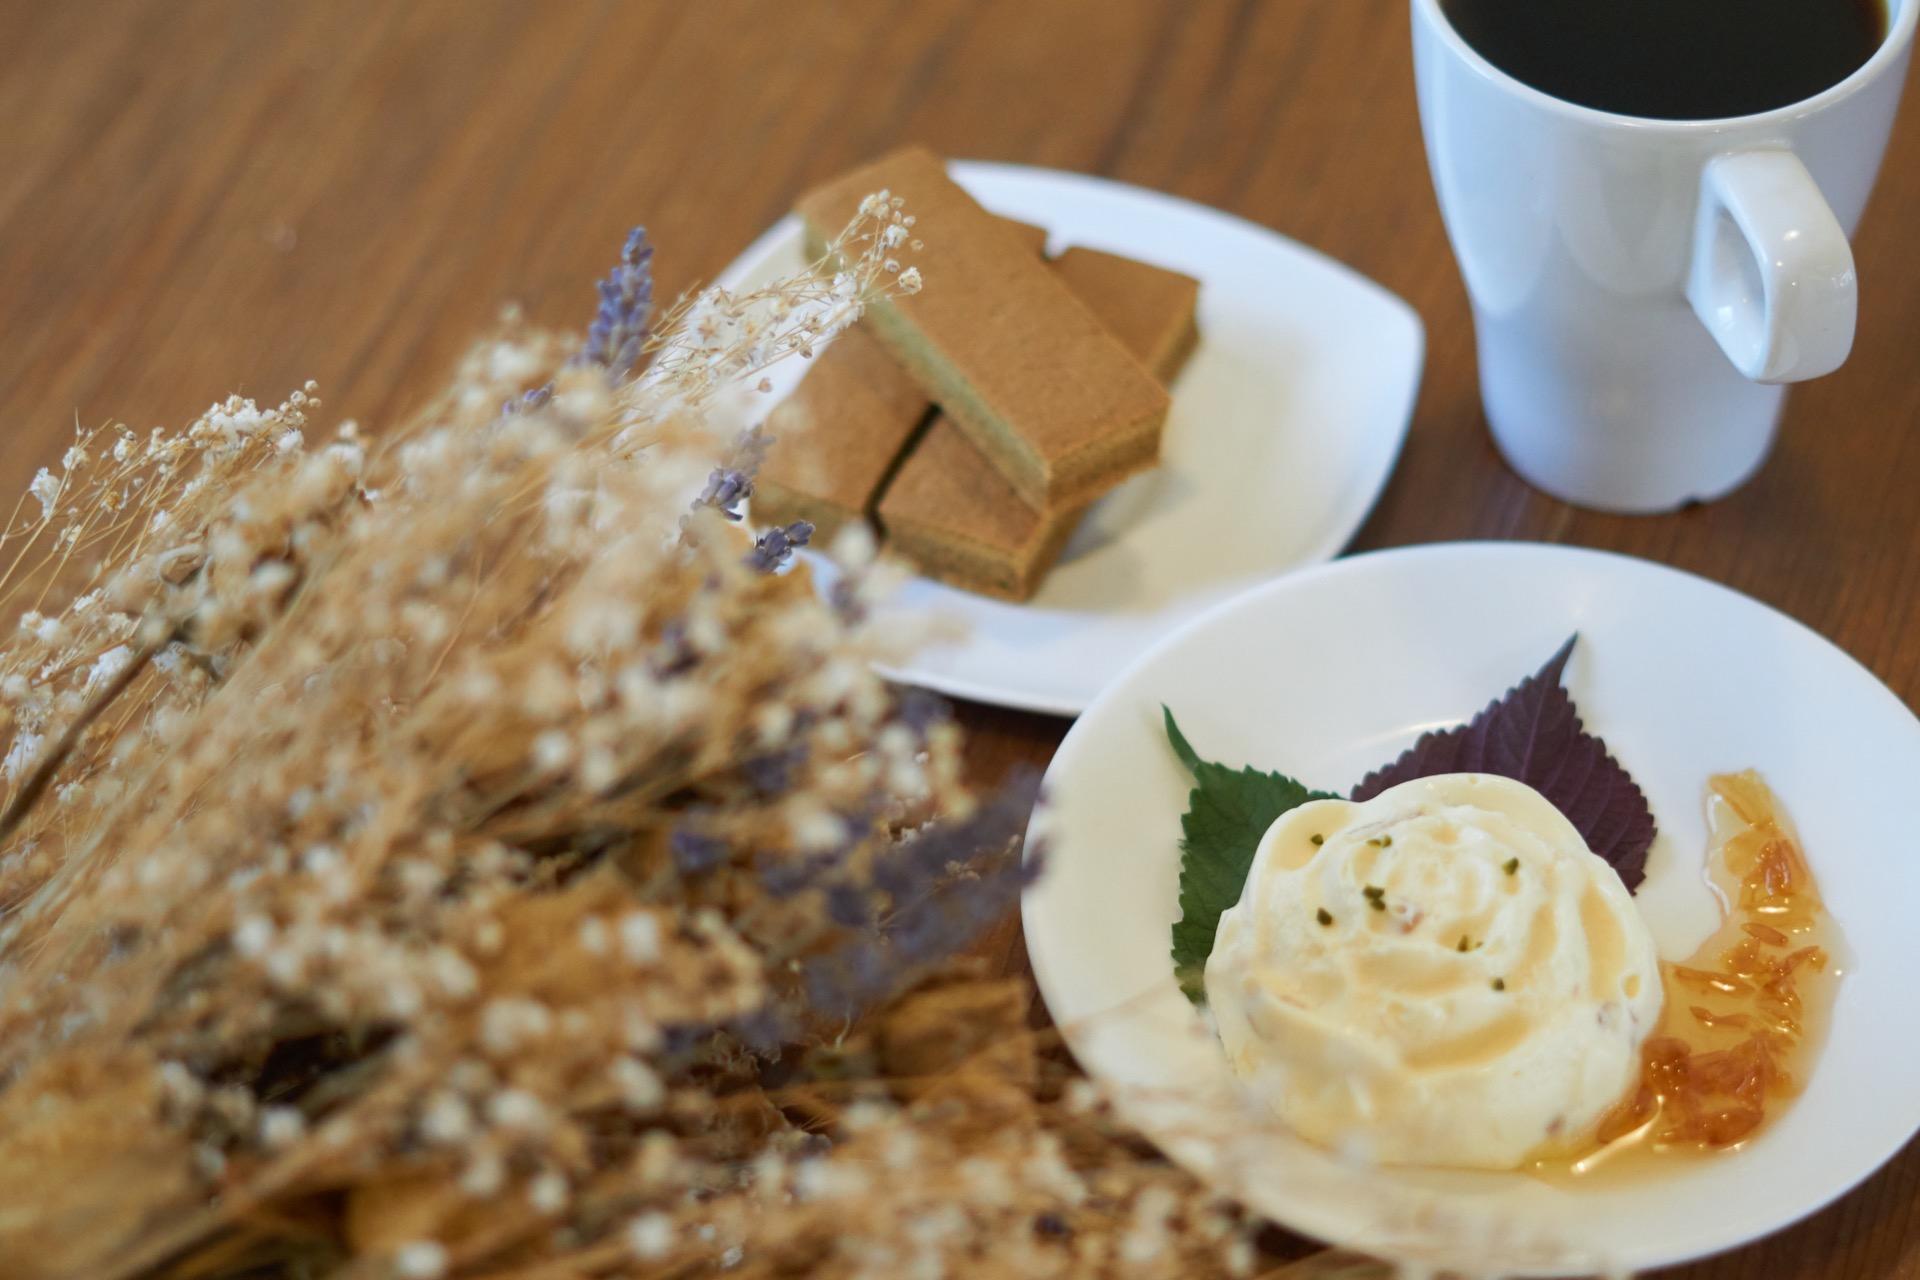 茉莉花乳酪蛋糕塔套餐